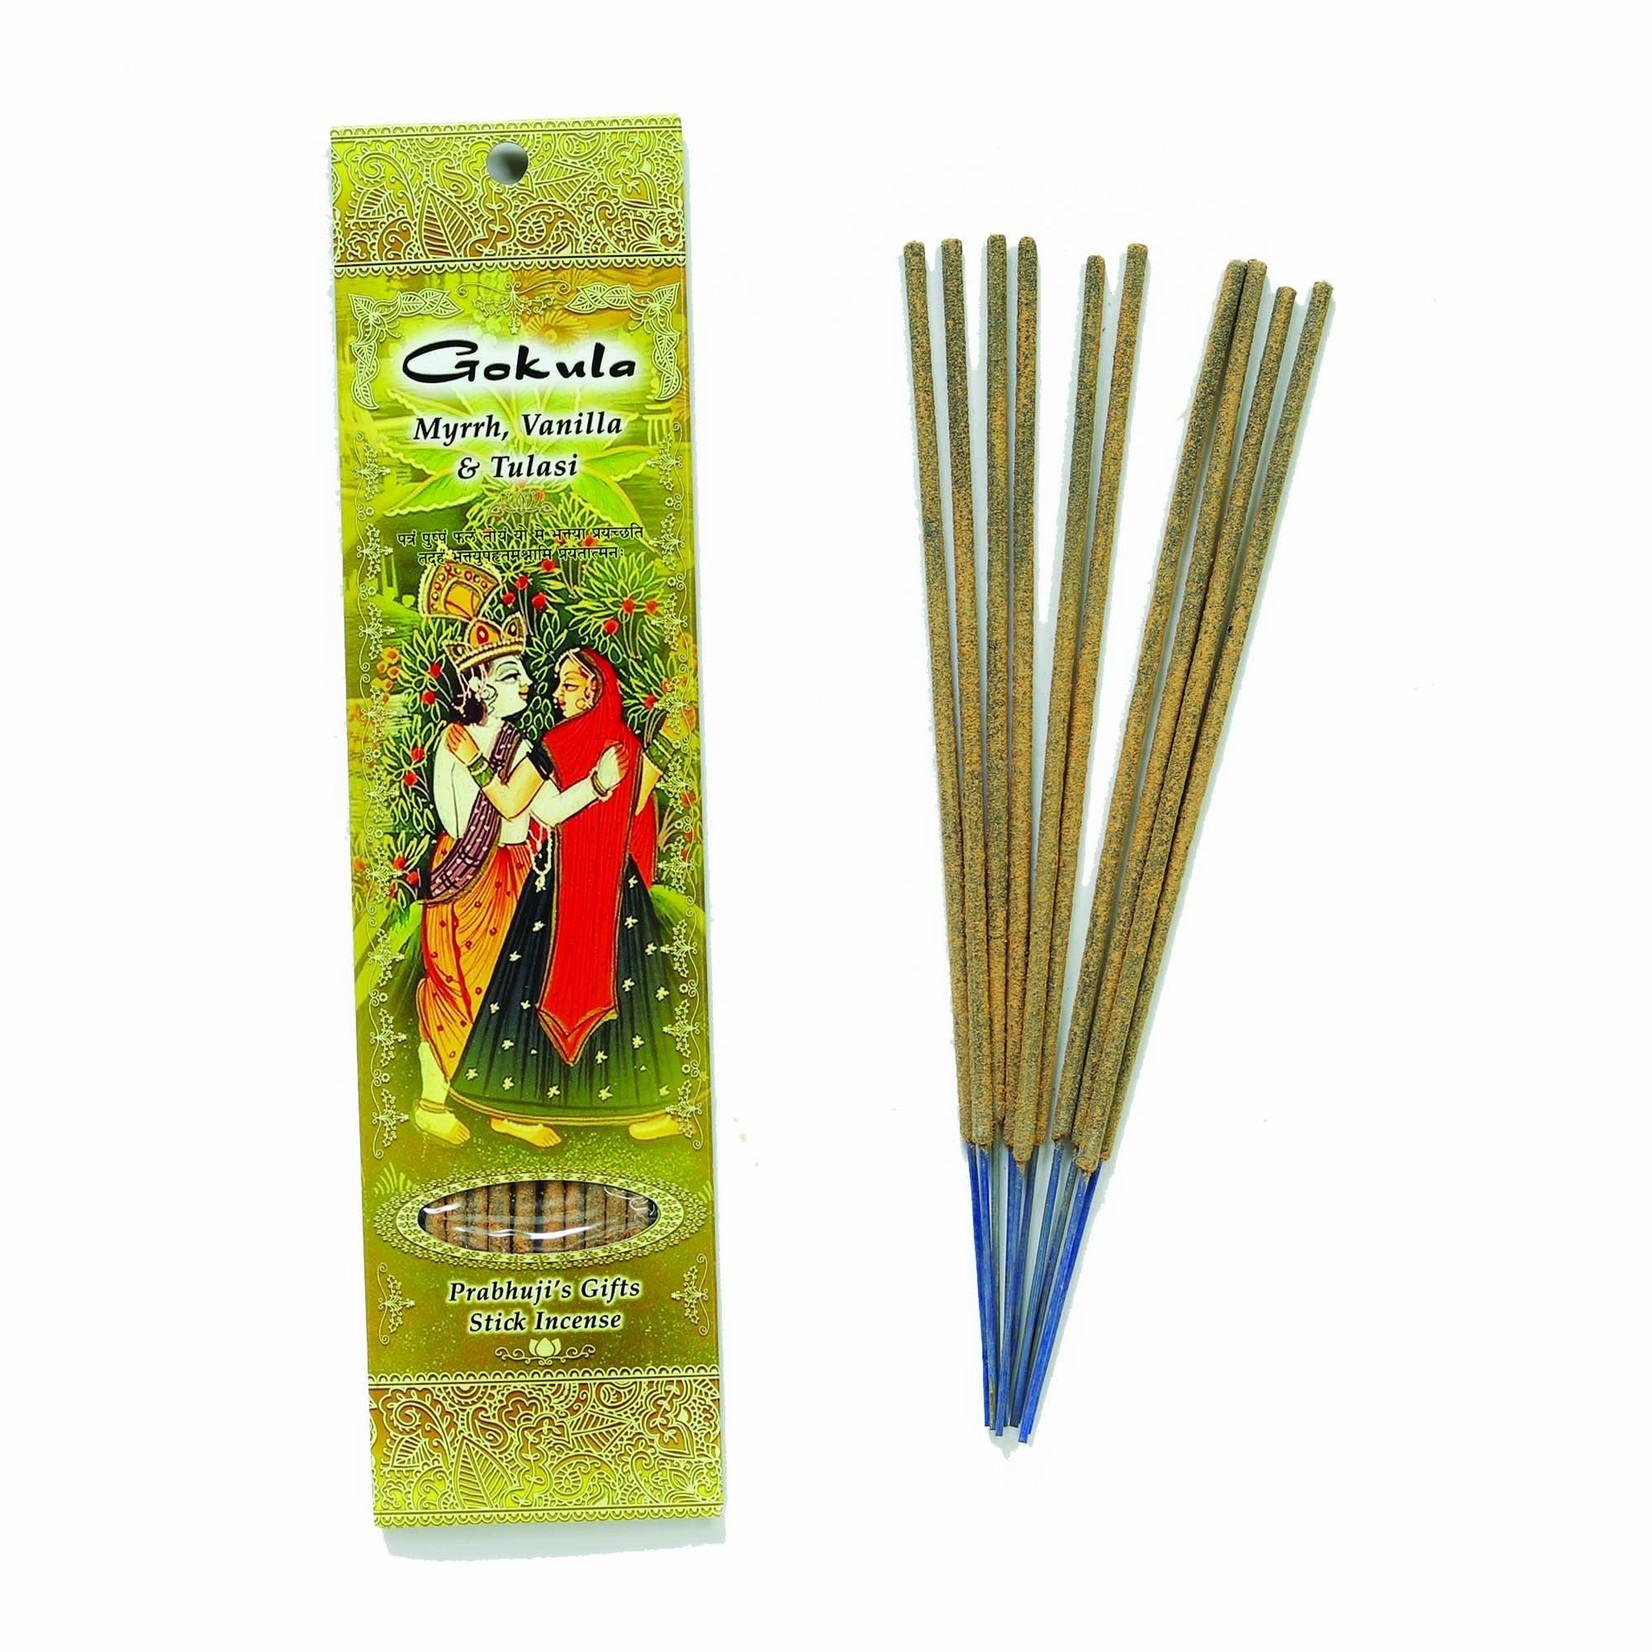 Prabhujis Gifts Gokula - Myrrh, Vanilla and Tulsi Incense Sticks